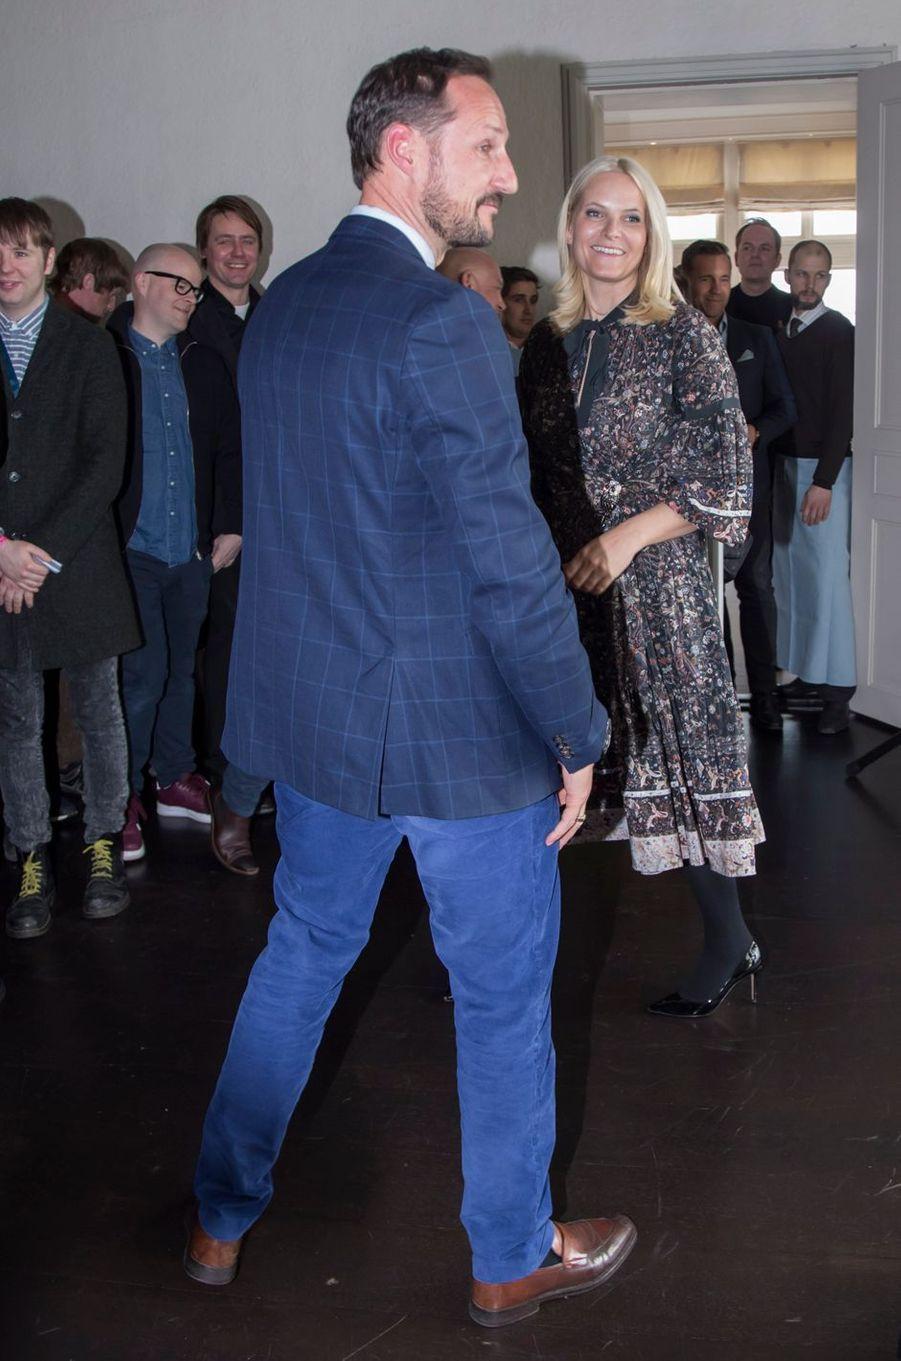 La princesse Mette-Marit, dans une robe Ulla Johnson, avec le prince Haakon de Norvège à Skaugum, le 2 mars 2017